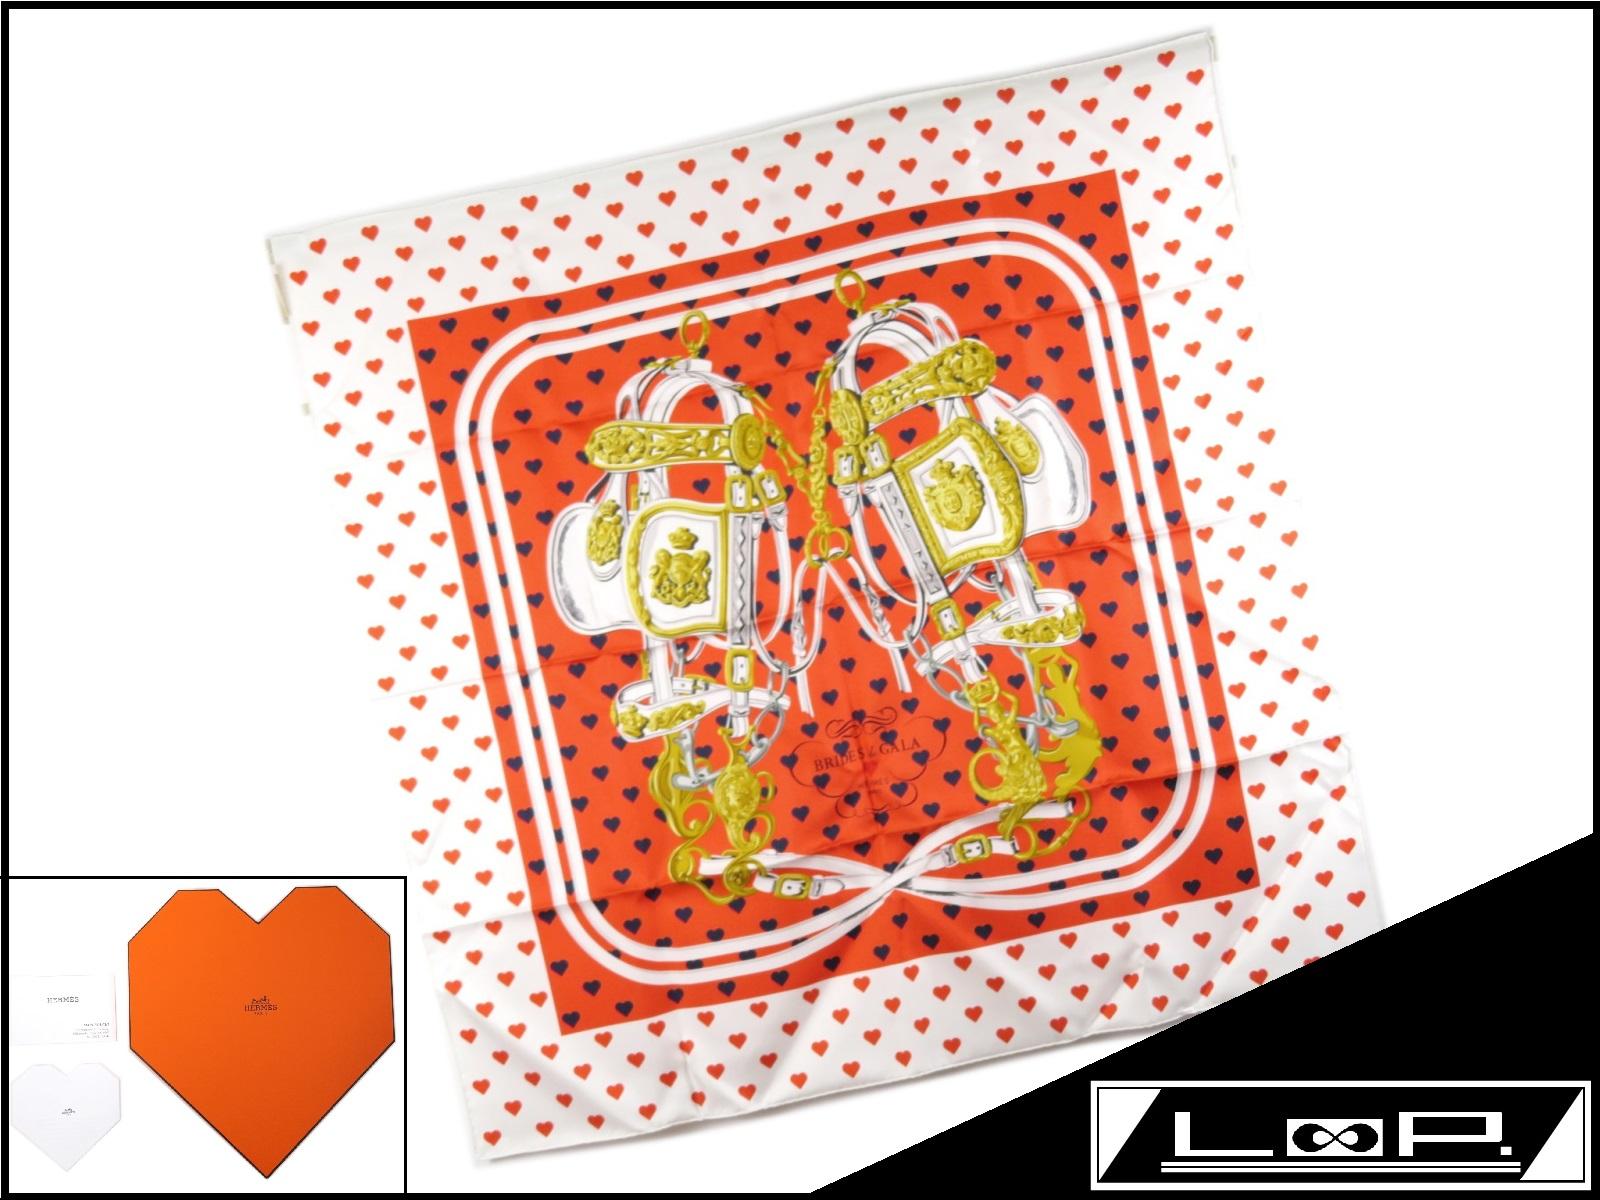 2019年春の 【限定未使用2017年春夏】 Love HERMES エルメス カレ 90 Brides【中古】 de HERMES Gala Love ブリッド ドゥ ガラ ラブ スカーフ ツイル ハート【A20104】【中古】, 【今日の超目玉】:4aa5aedb --- totem-info.com